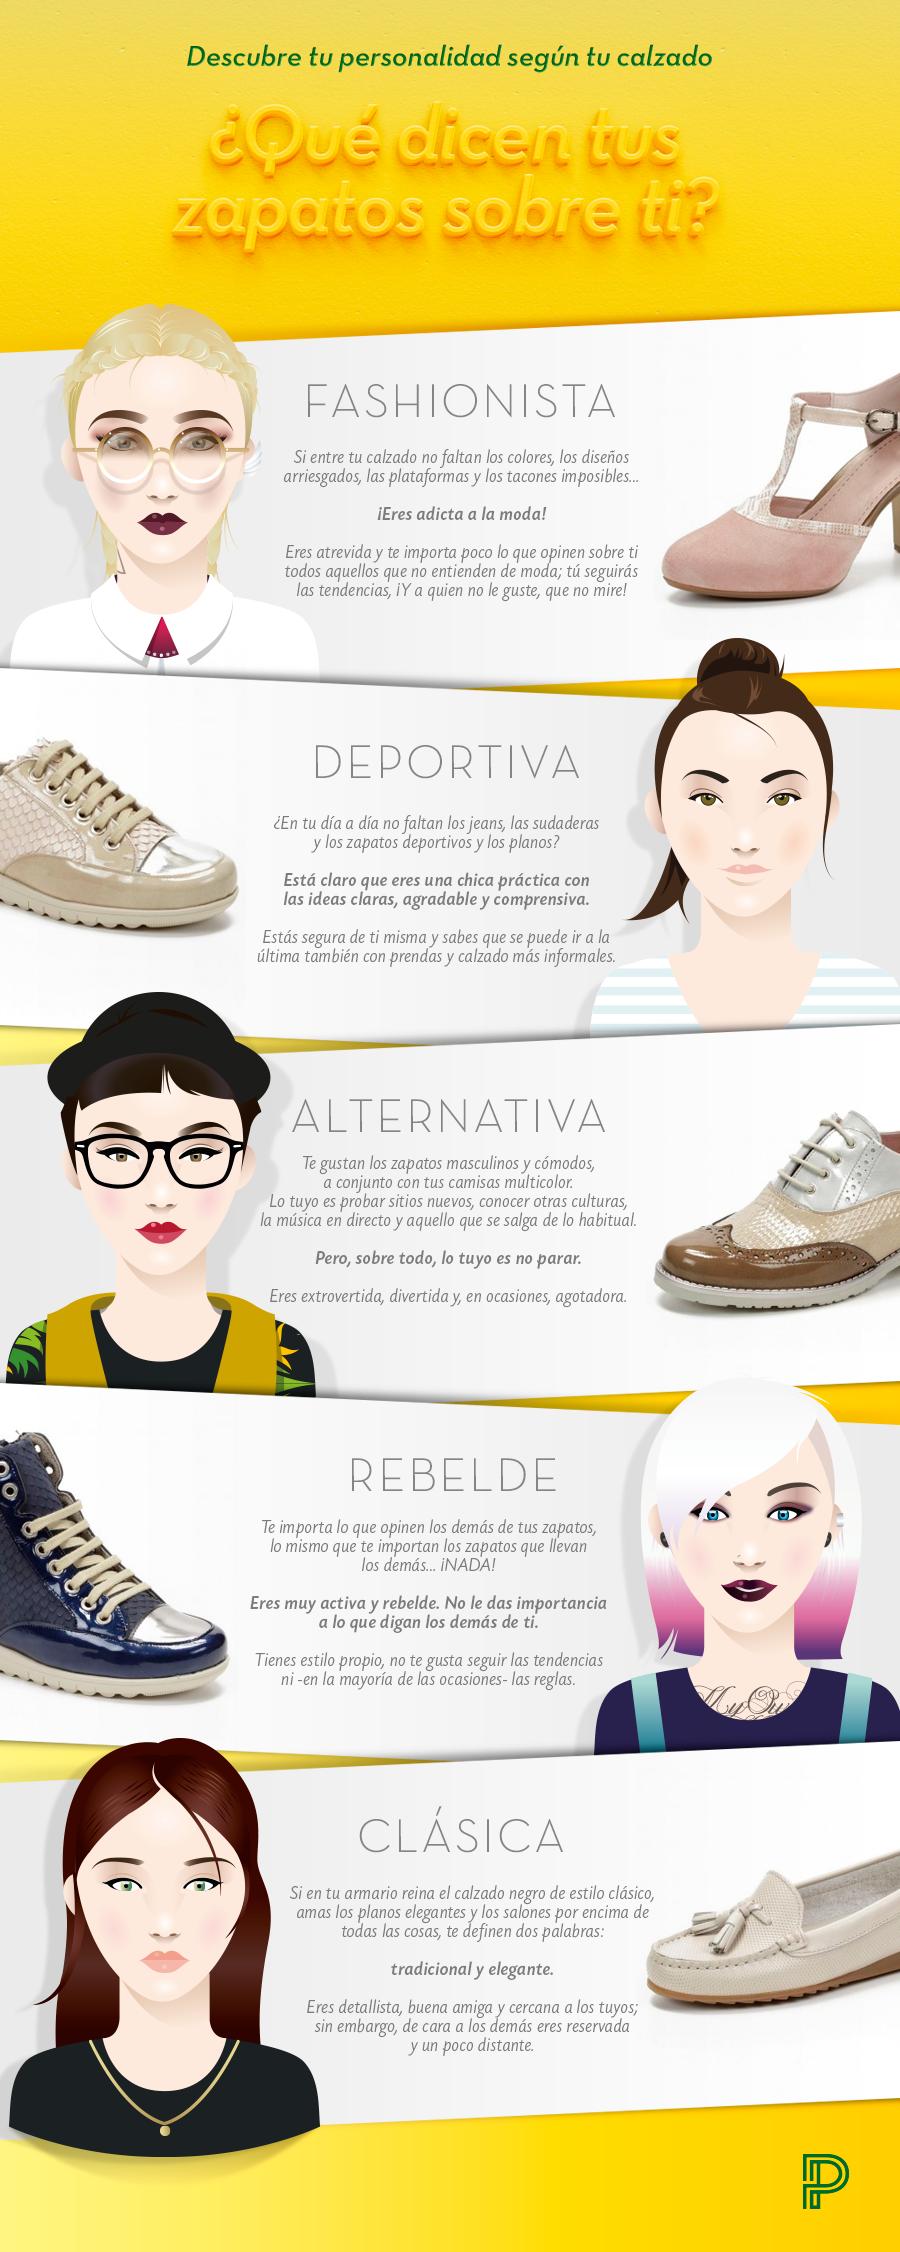 Que dicen tus zapatos de ti